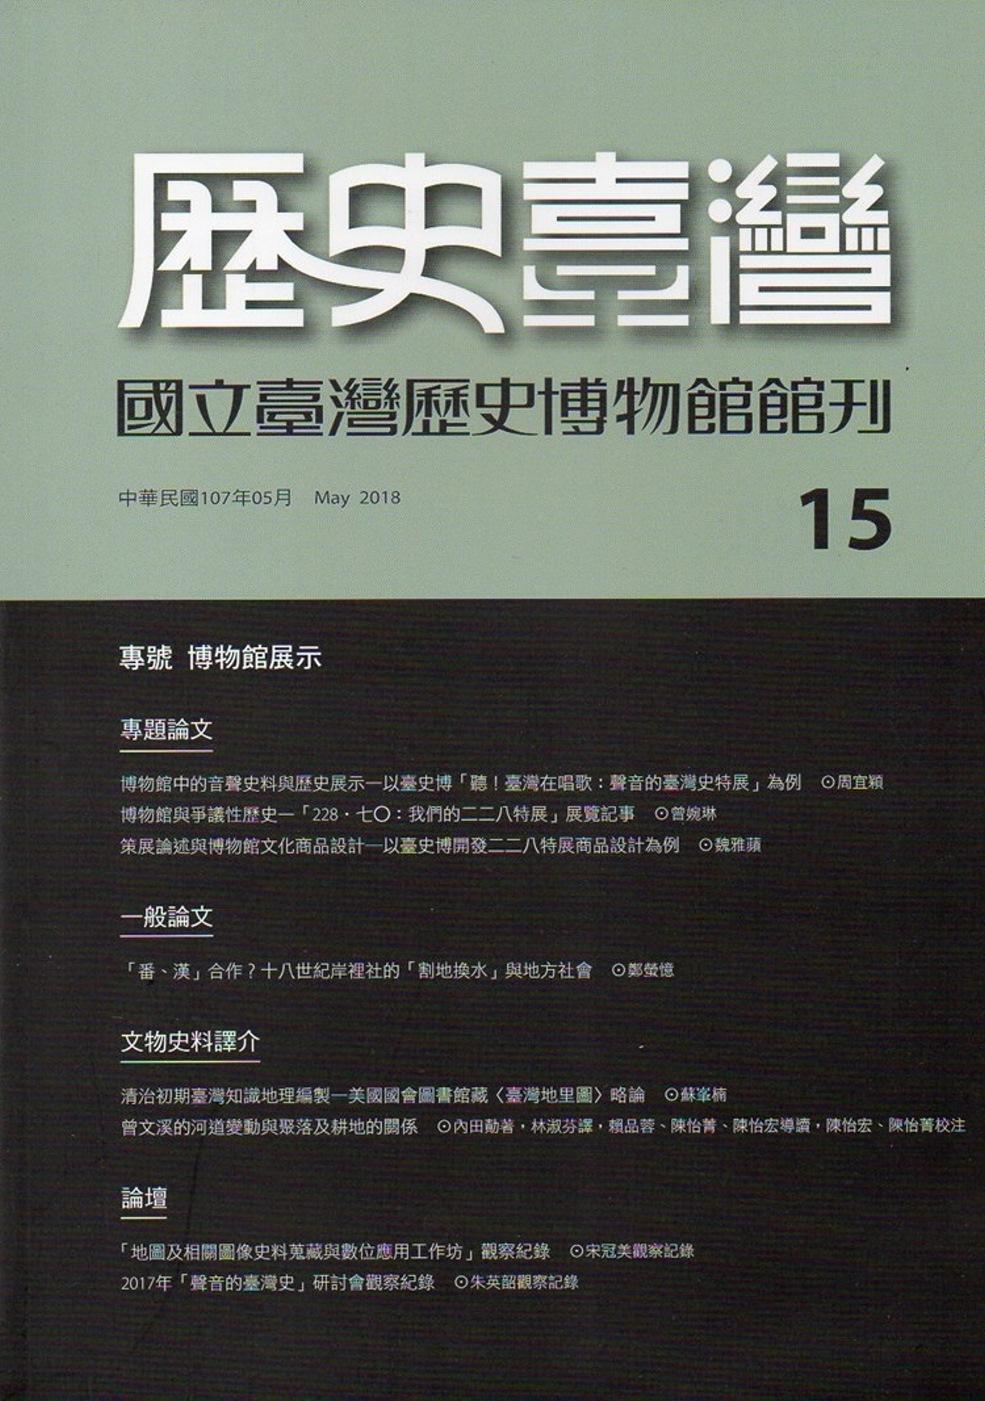 歷史臺灣:國立臺灣歷史博物館館刊第15期(107.05)